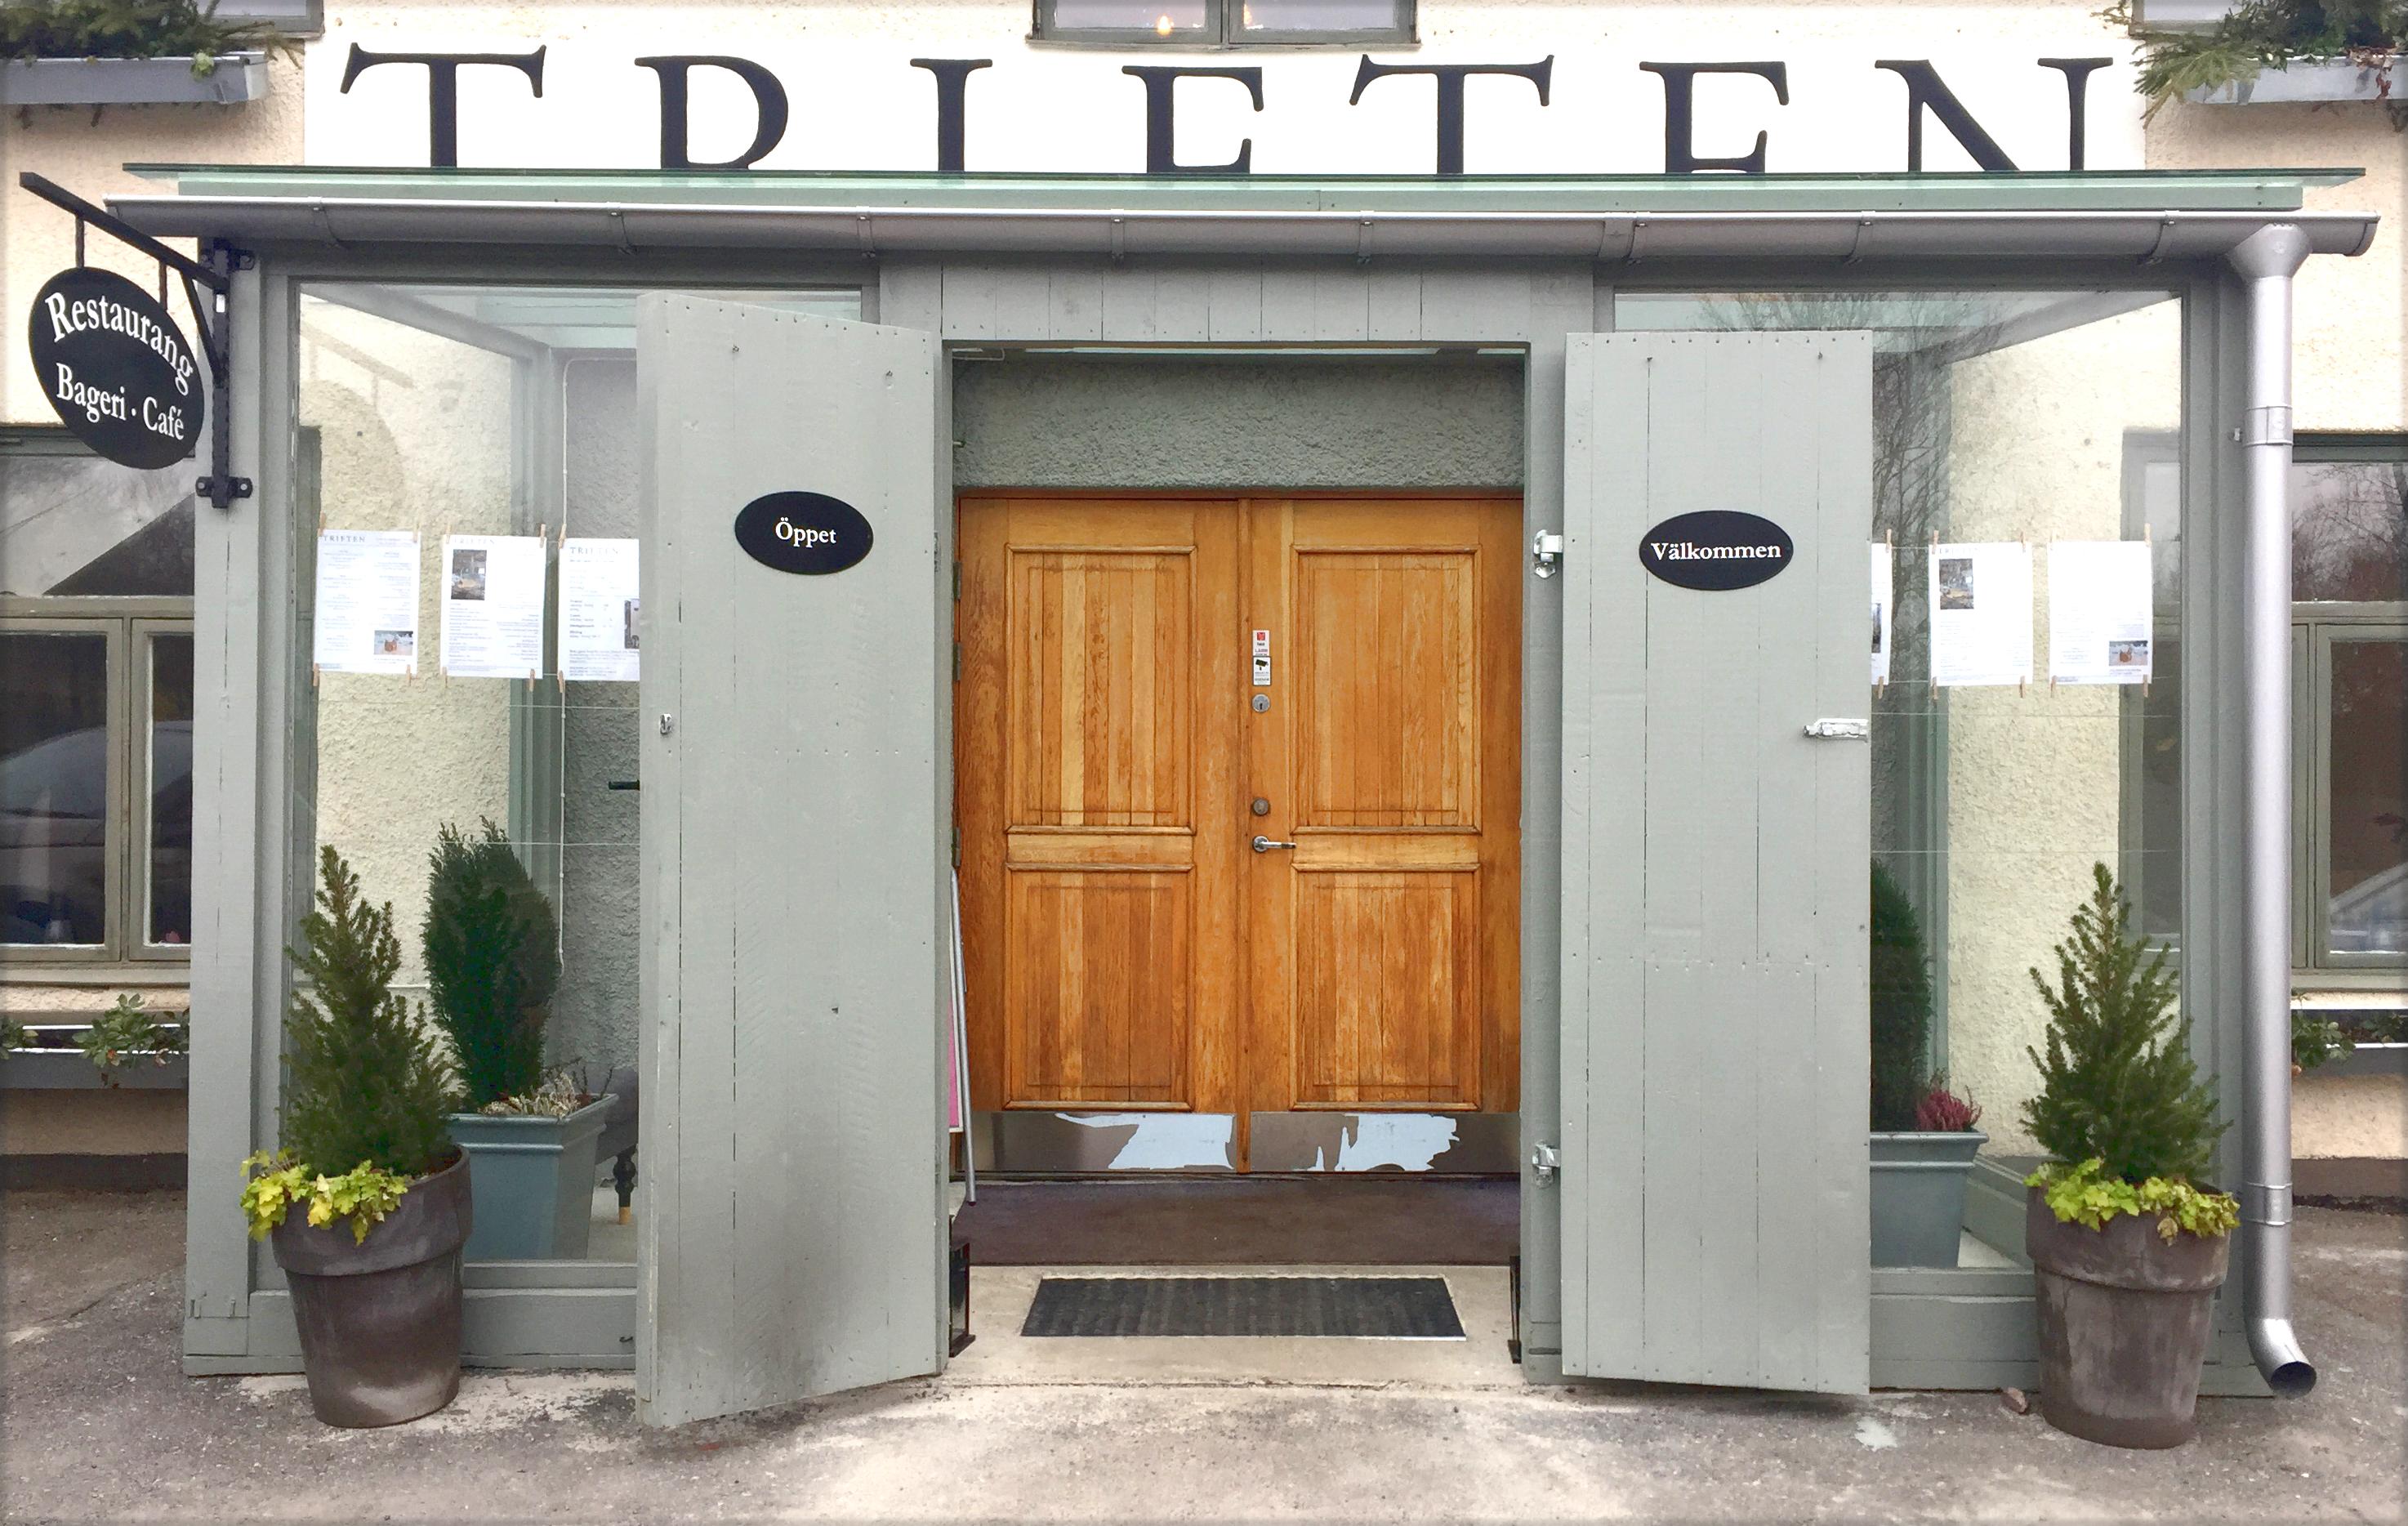 Restaurang Triften, Stockholmsvägen 114, Täby – Ombyggnation